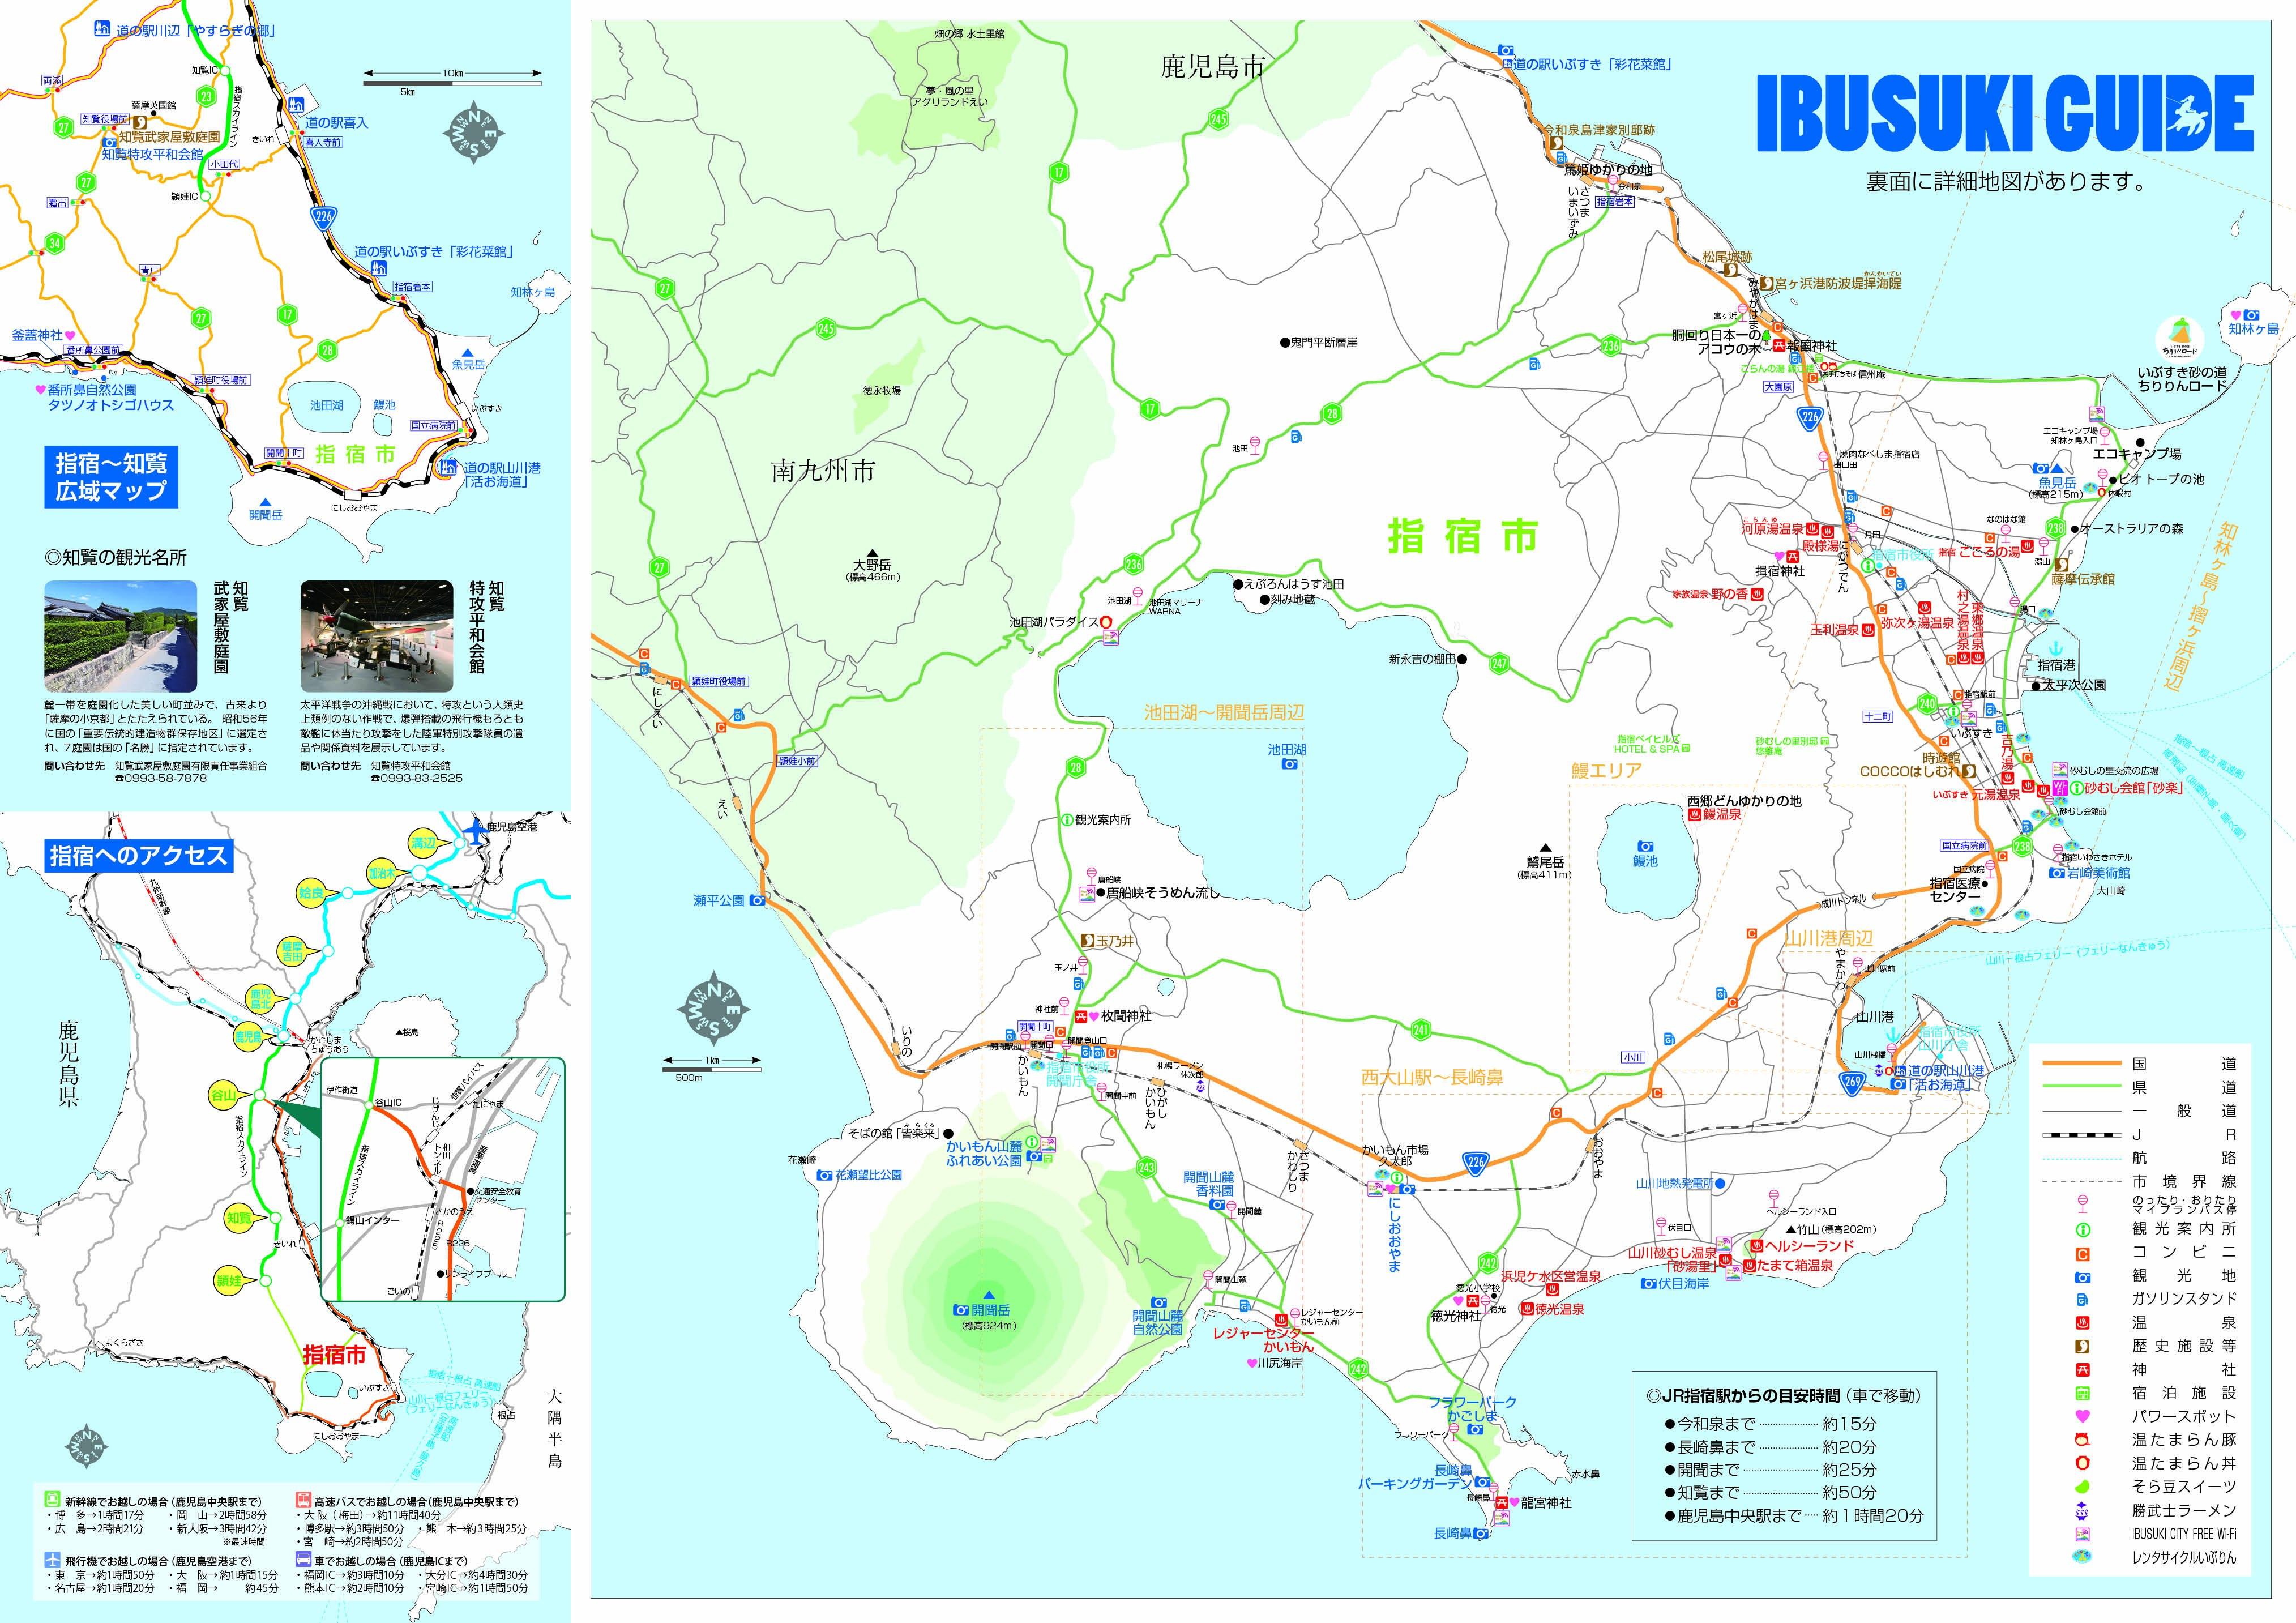 Ibusuki-shi tour guide map